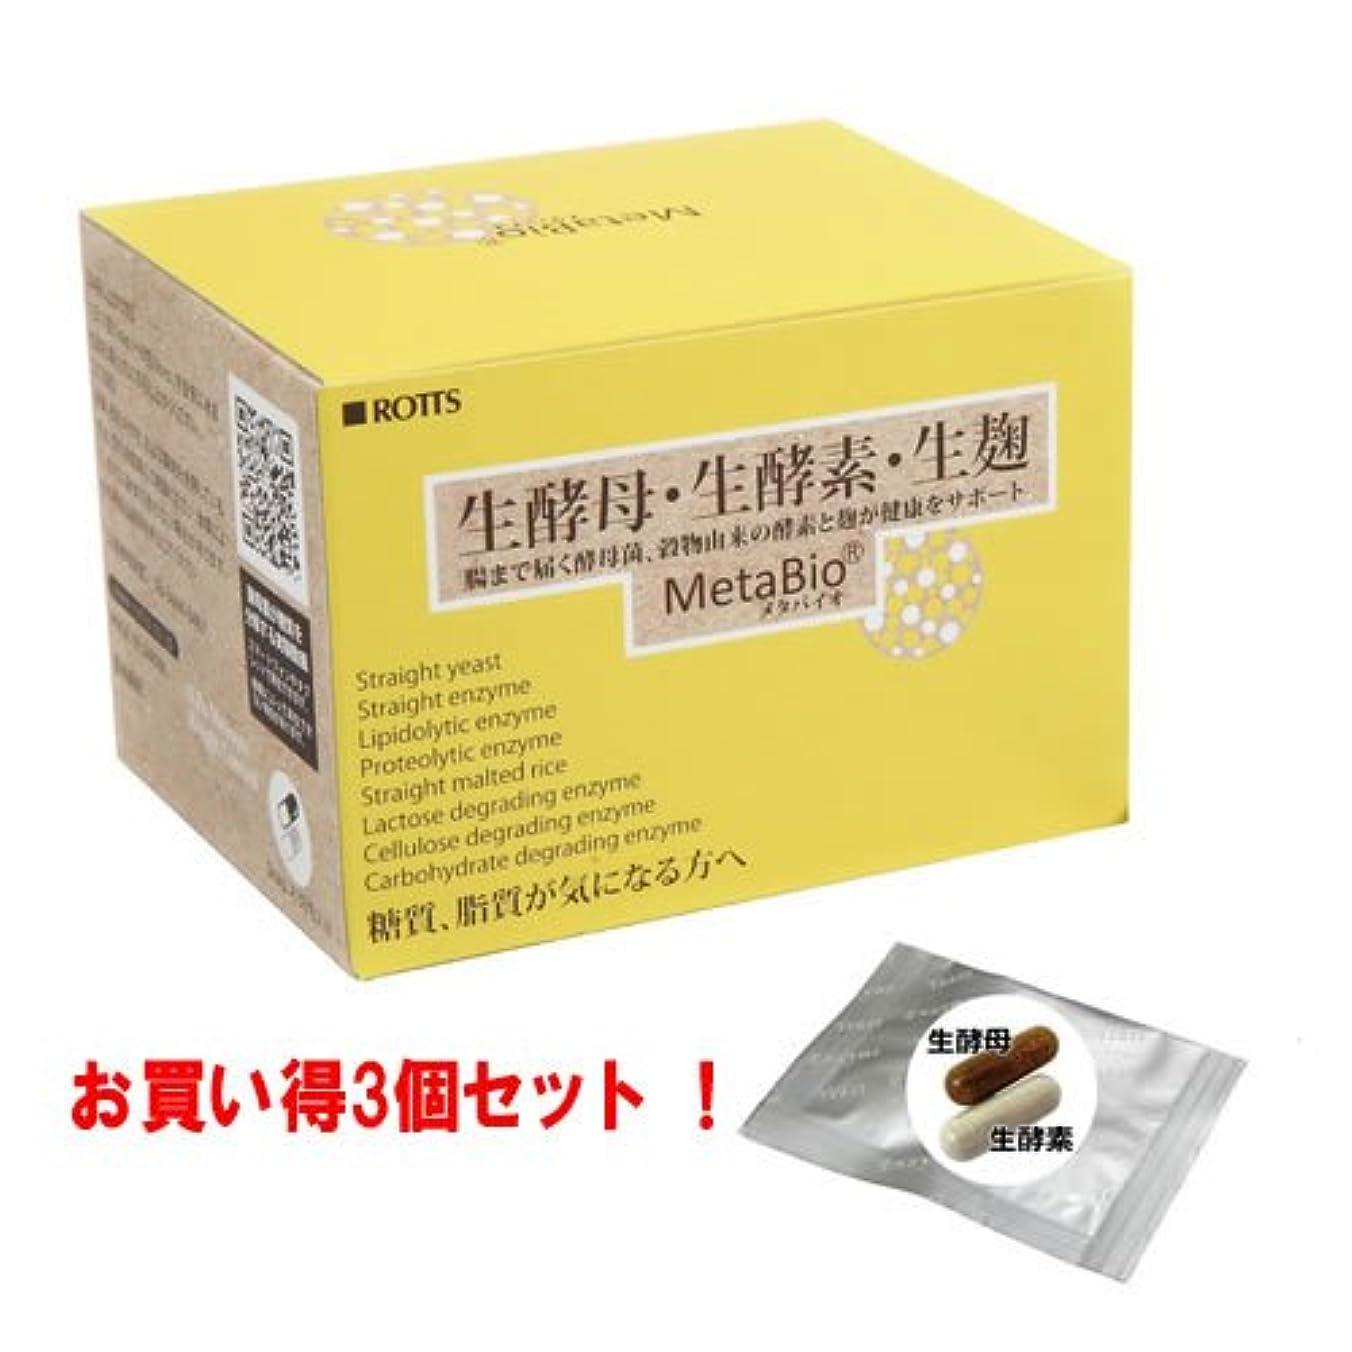 スープ胆嚢チューインガムMetaBio/メタバイオ(2粒×30包)×3箱セット